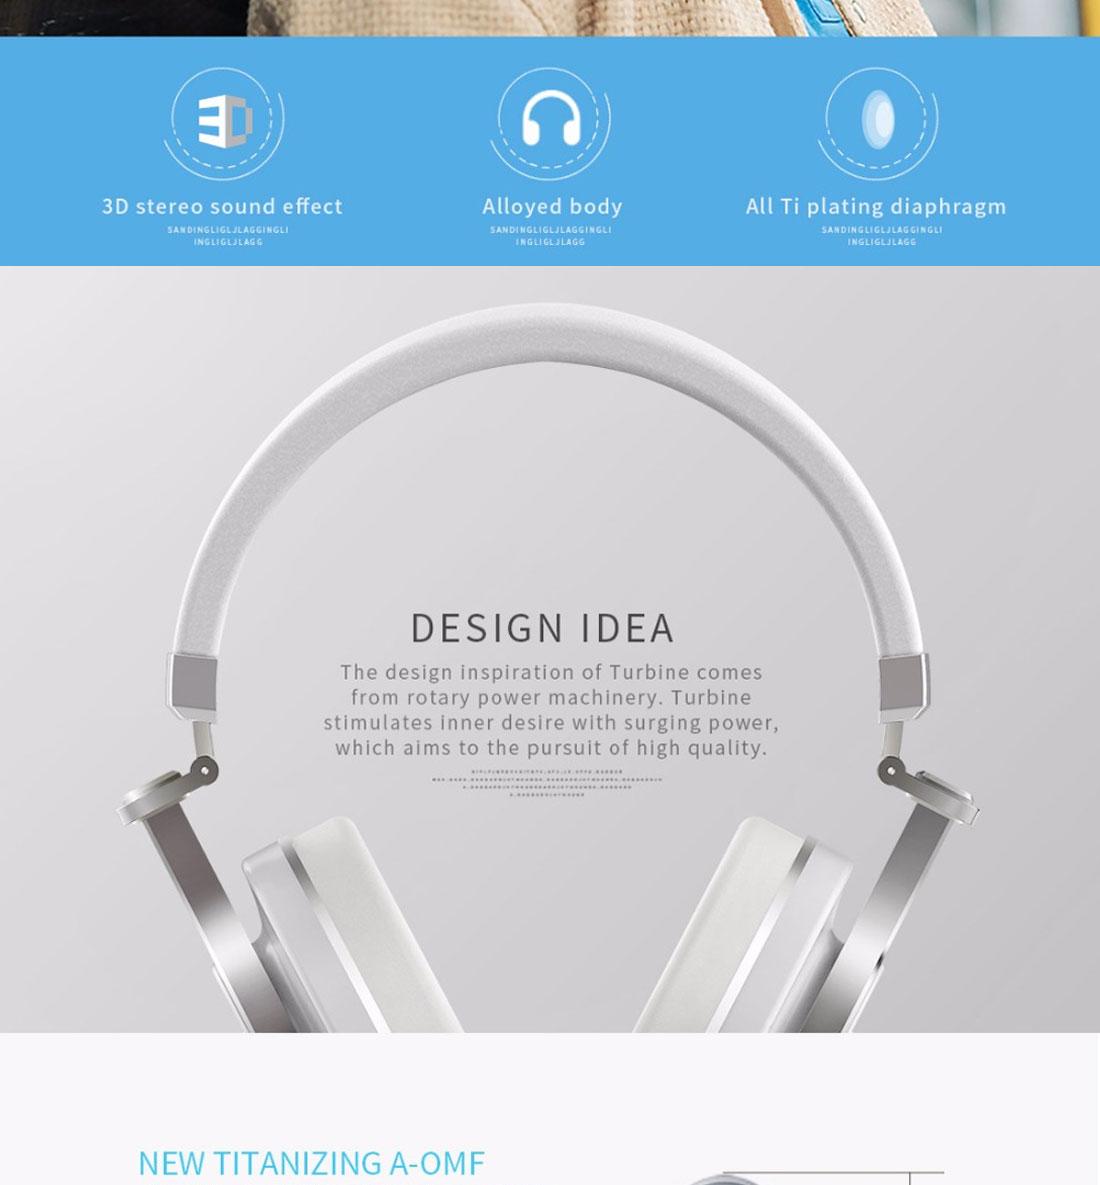 t3 headphones